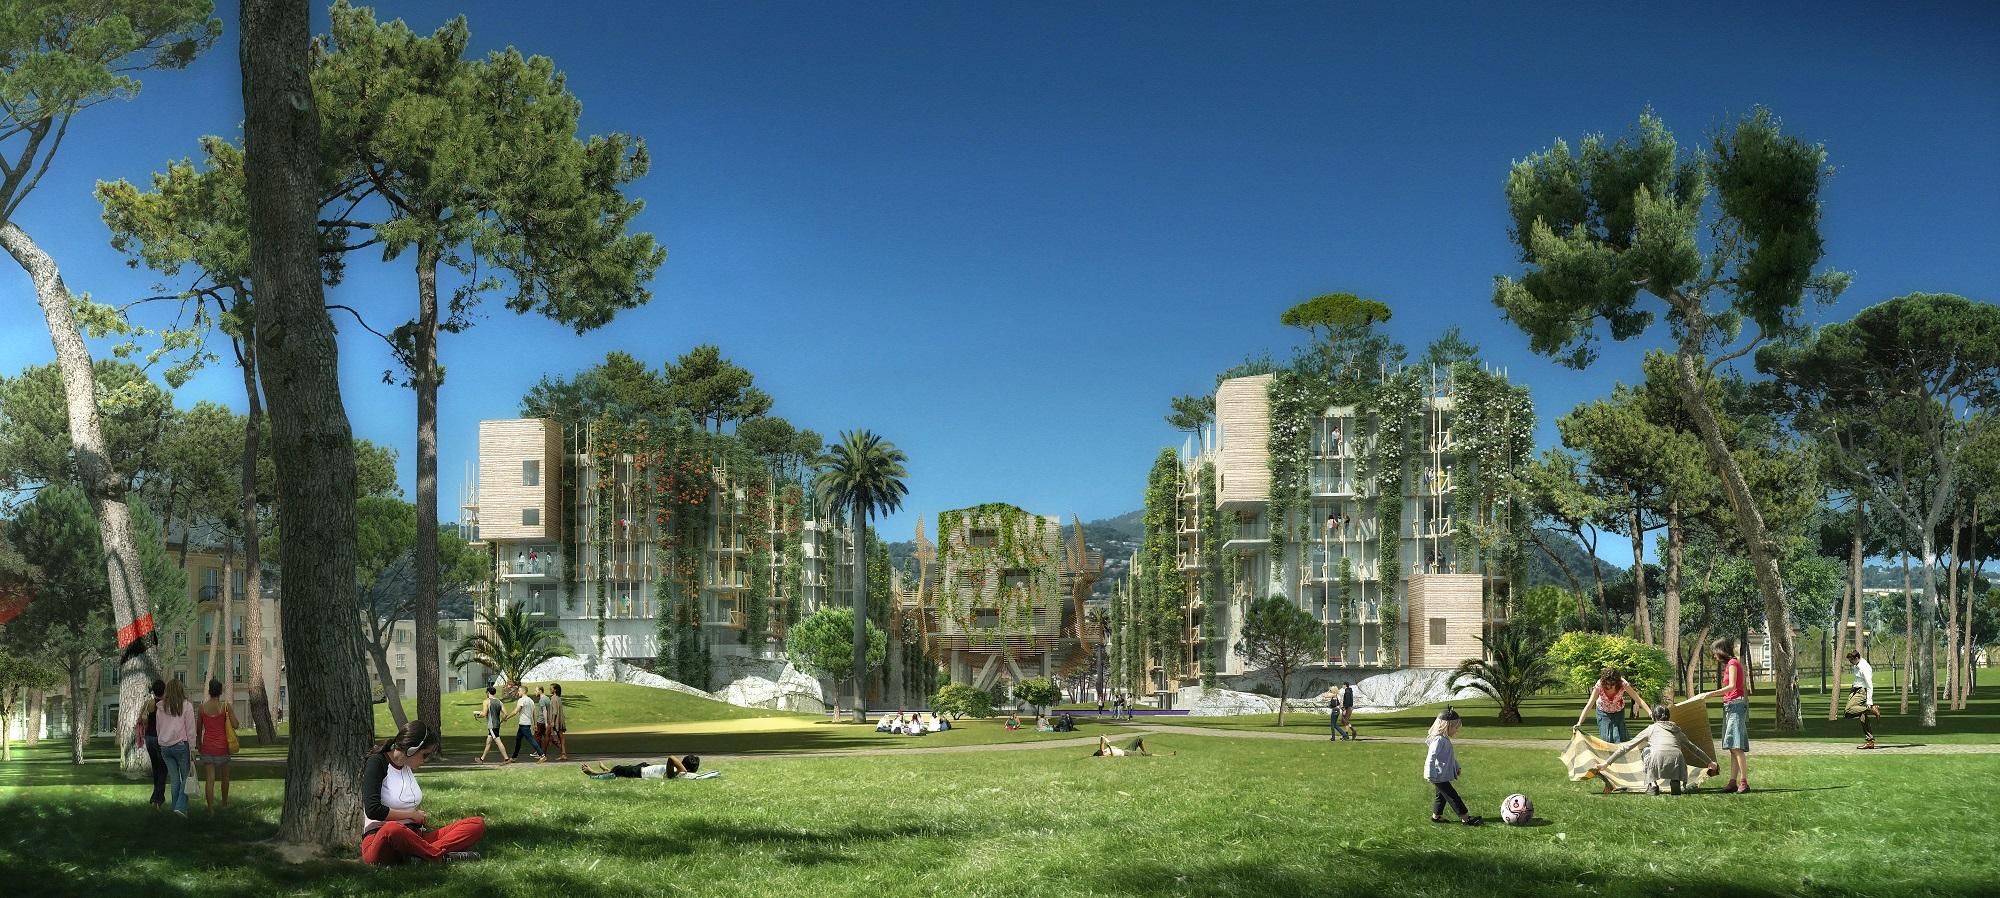 Immobilier : le stade du Ray jouera-t-il les prolongations ?